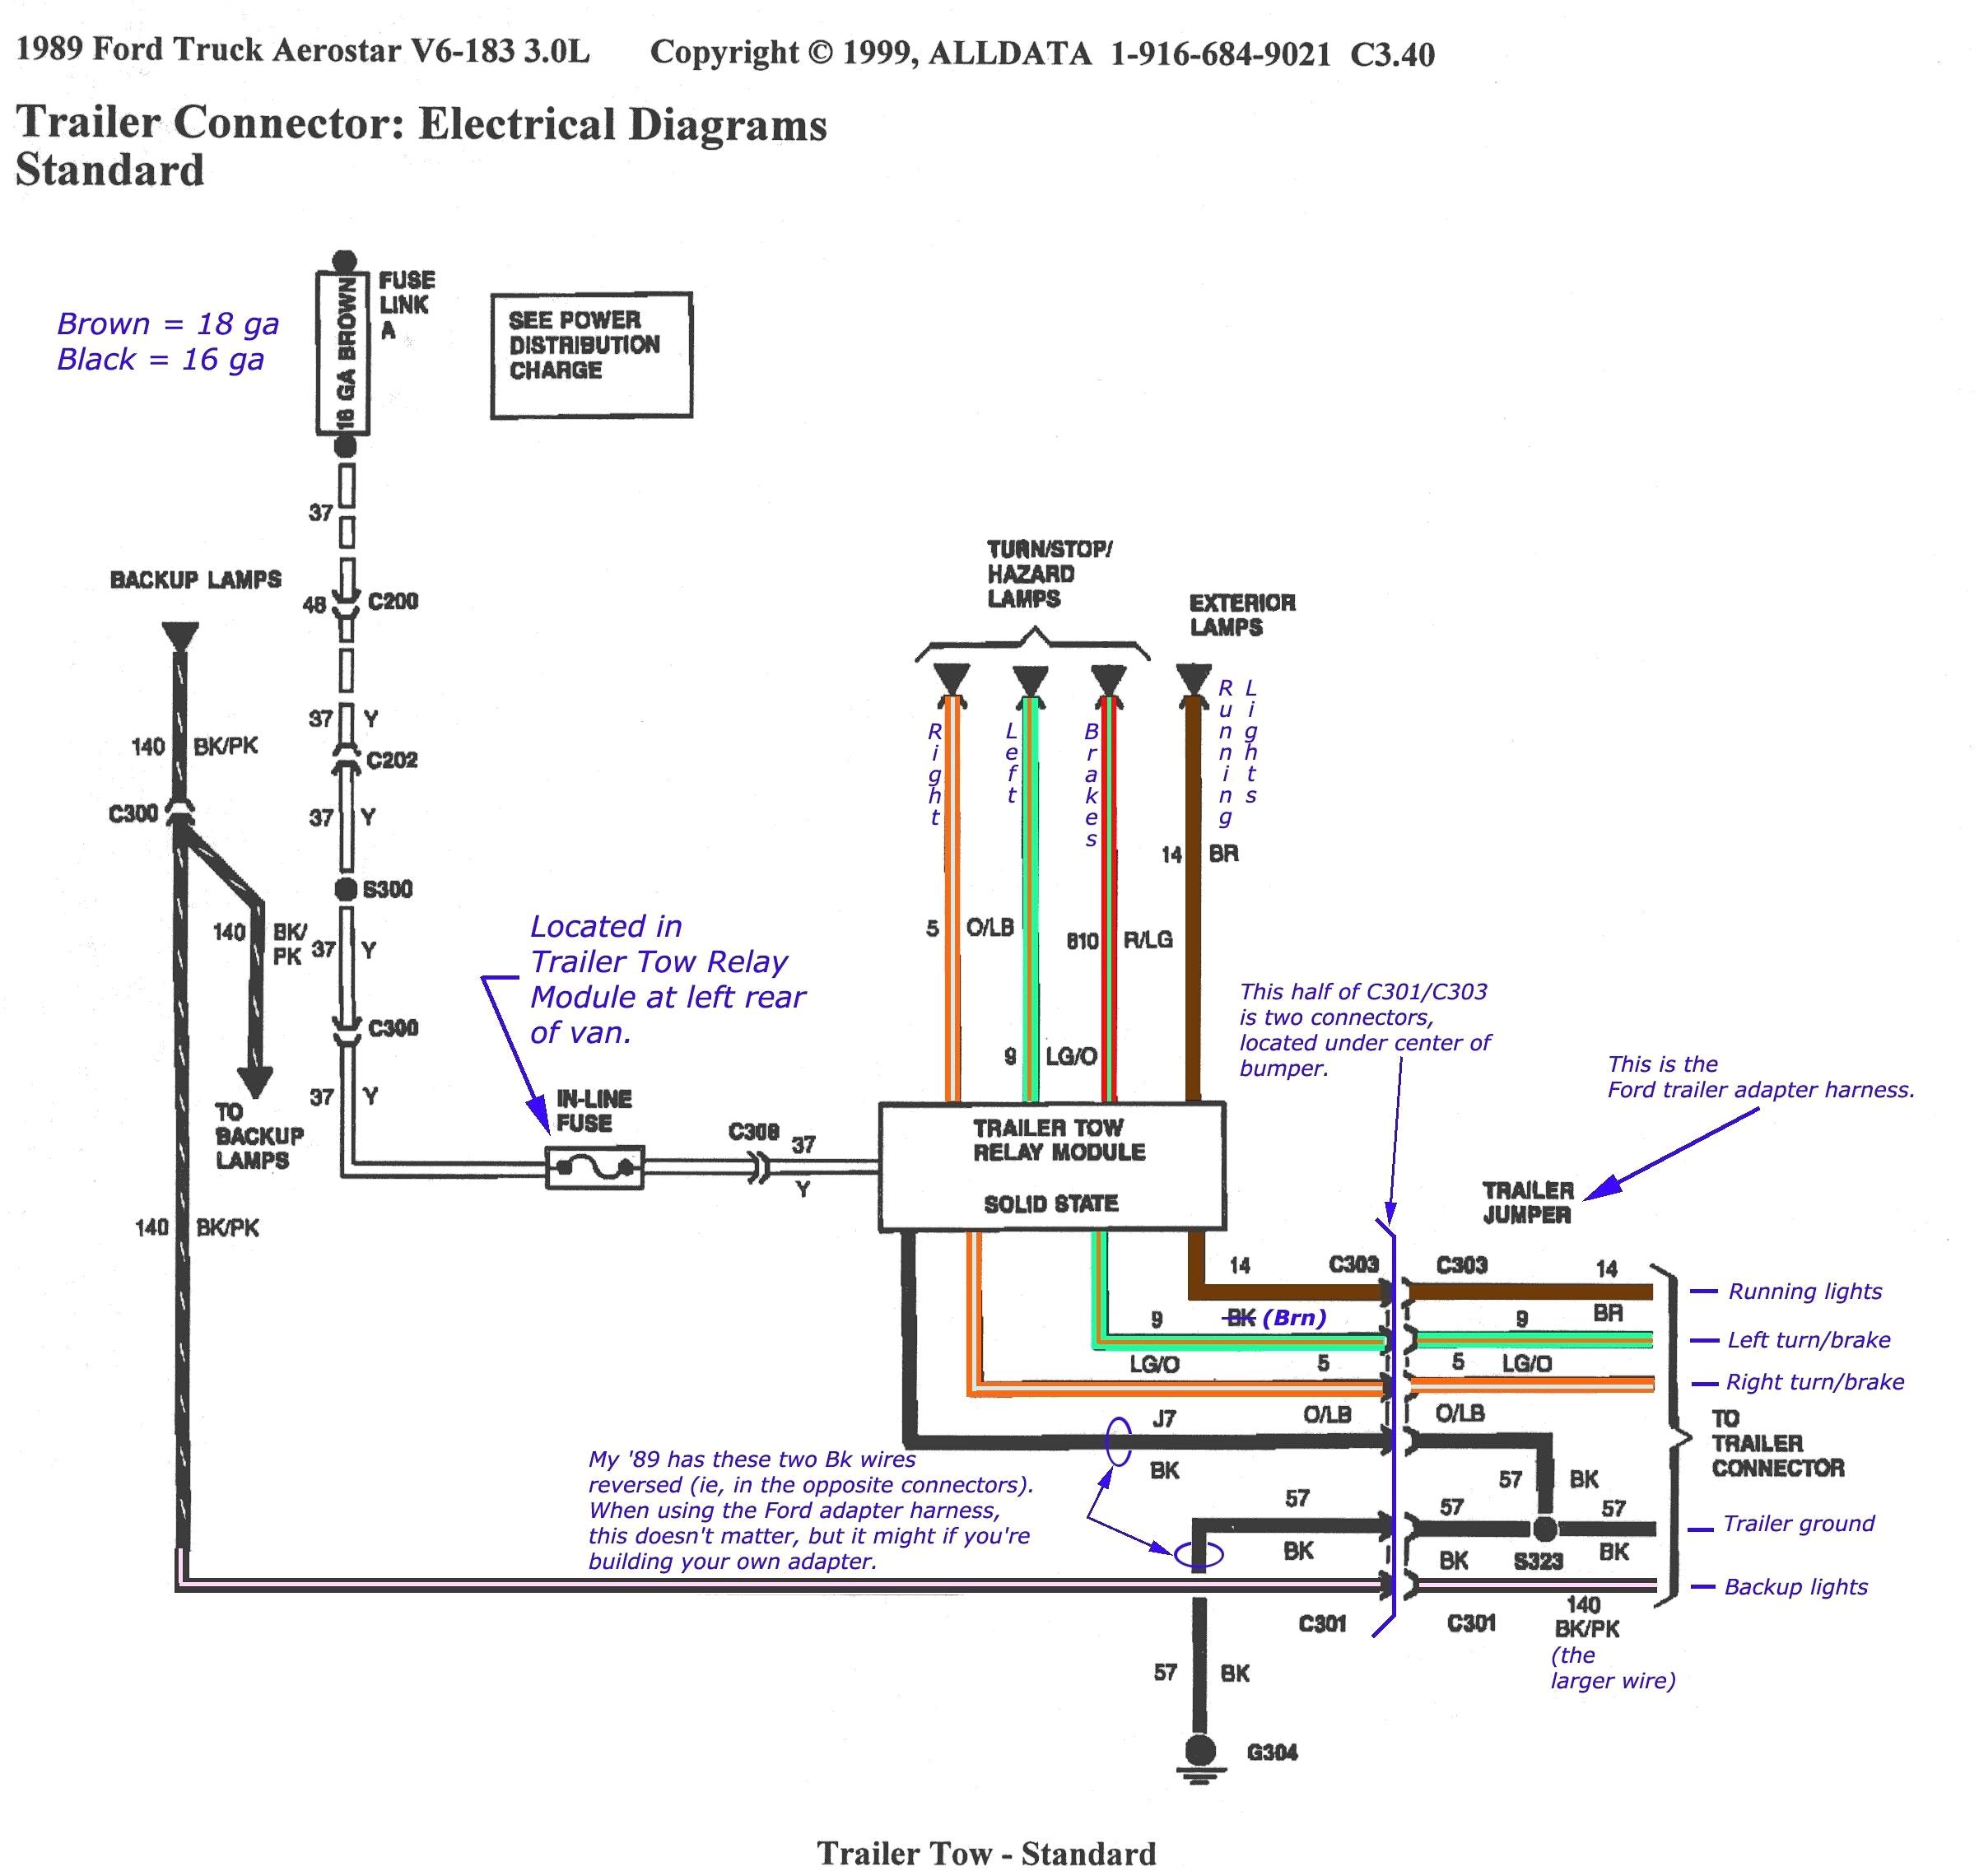 2008 ford f150 trailer wiring diagram wiring diagram preview 2008 f150 trailer wiring harness diagram 2004